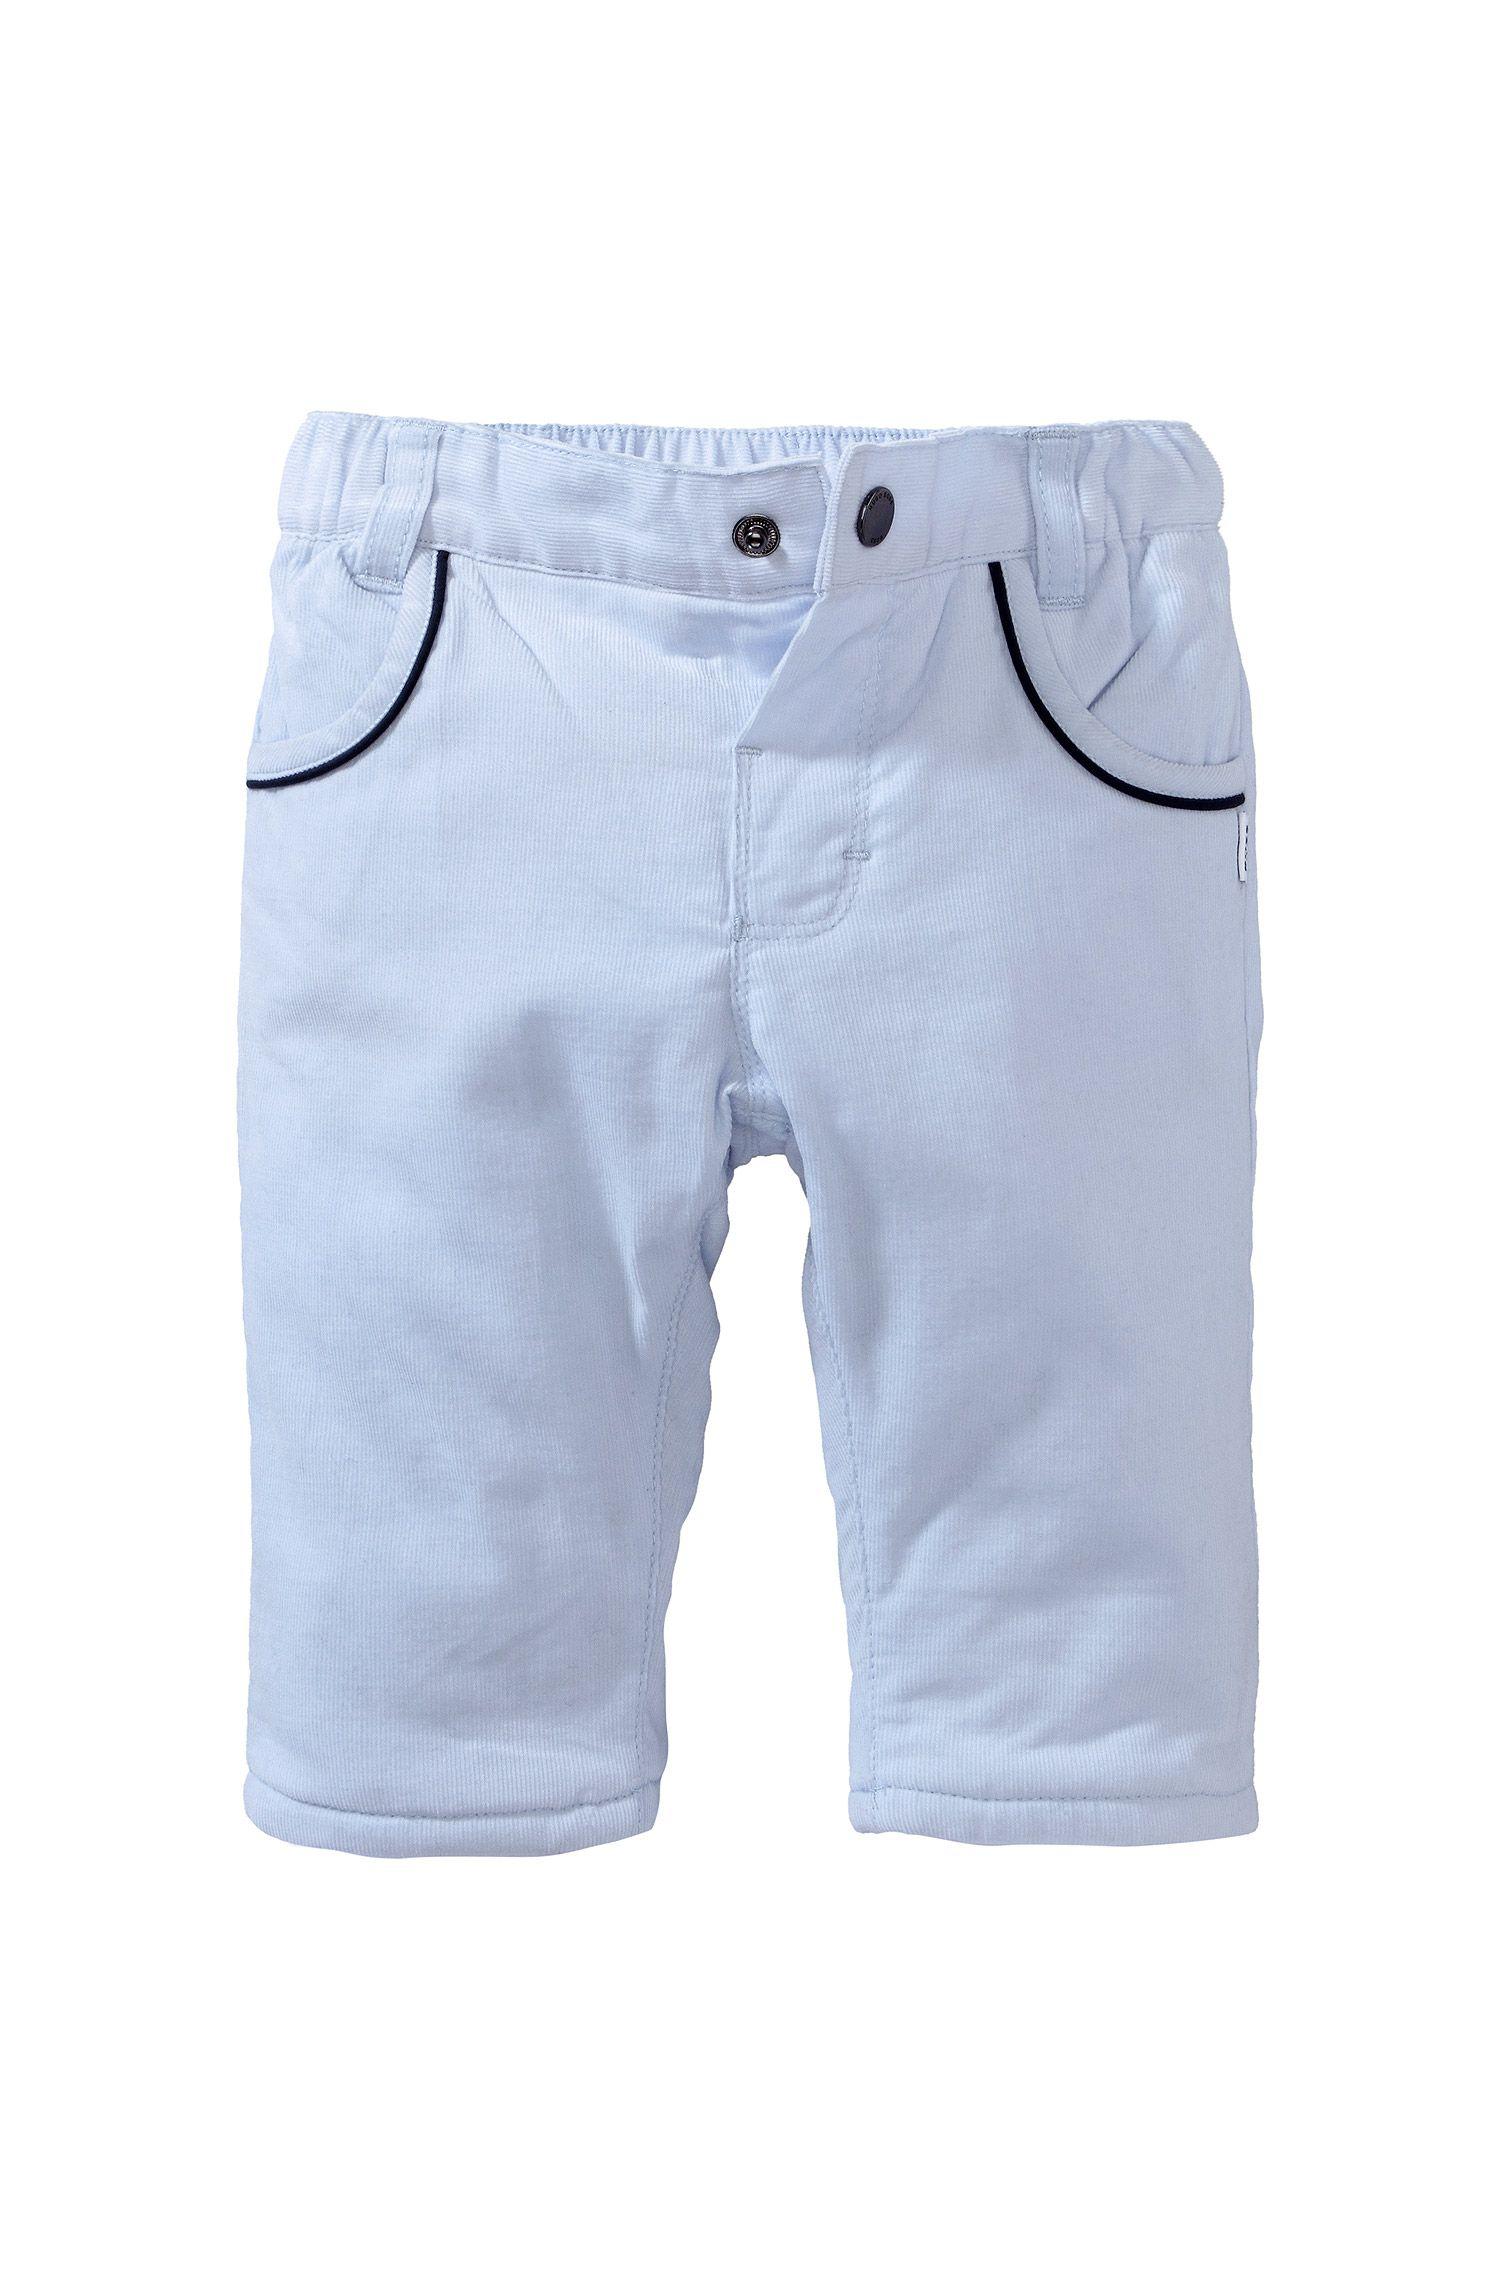 Pantalon en velours côtelé pour enfant «J94075/775» en coton